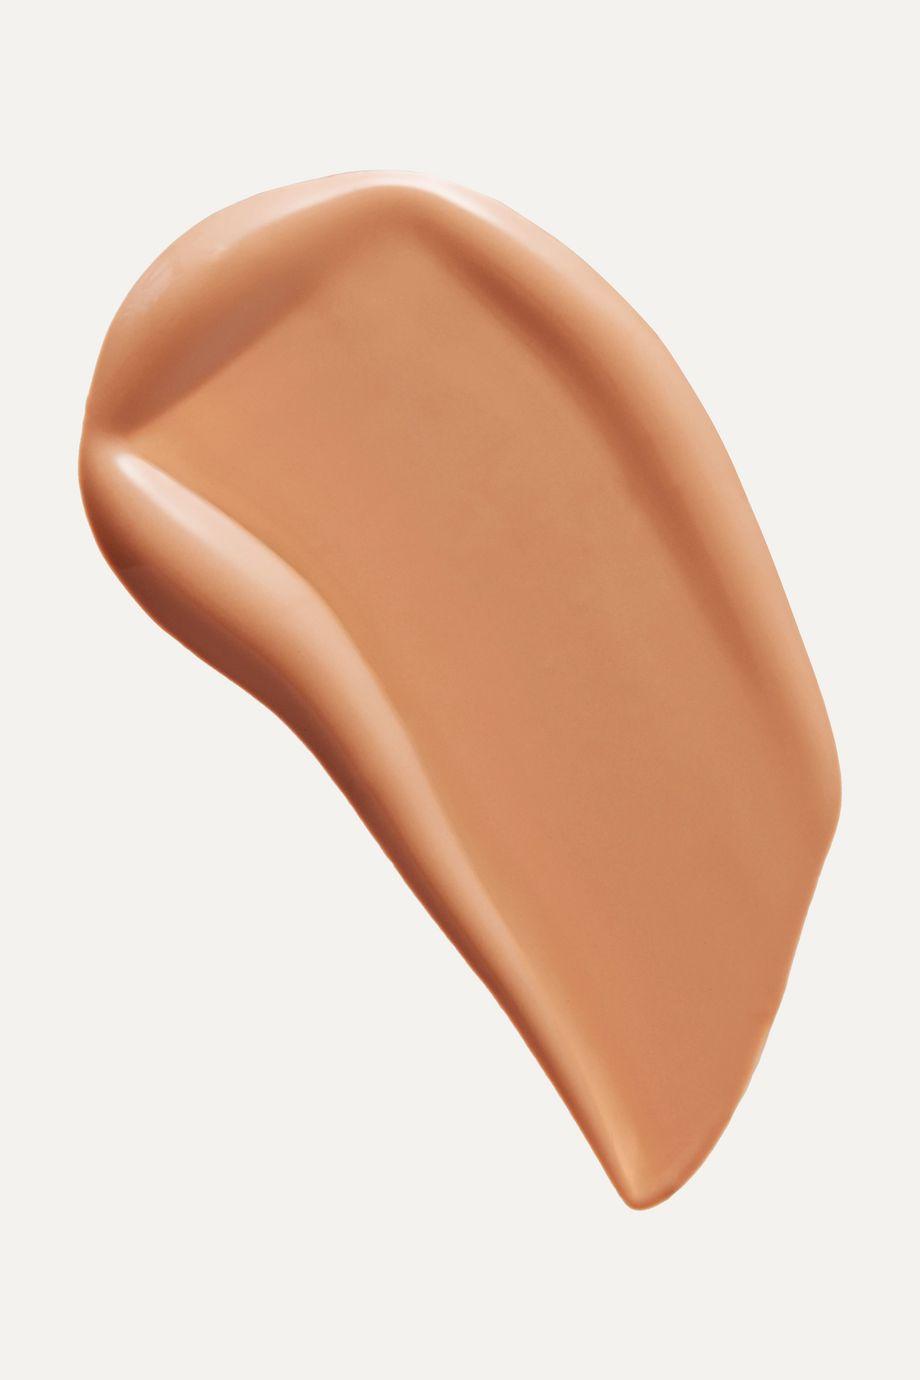 Givenchy Beauty Matissime Velvet Radiant Mat Fluid Foundation SPF20 - Mat Vanilla N°3.5, 30ml